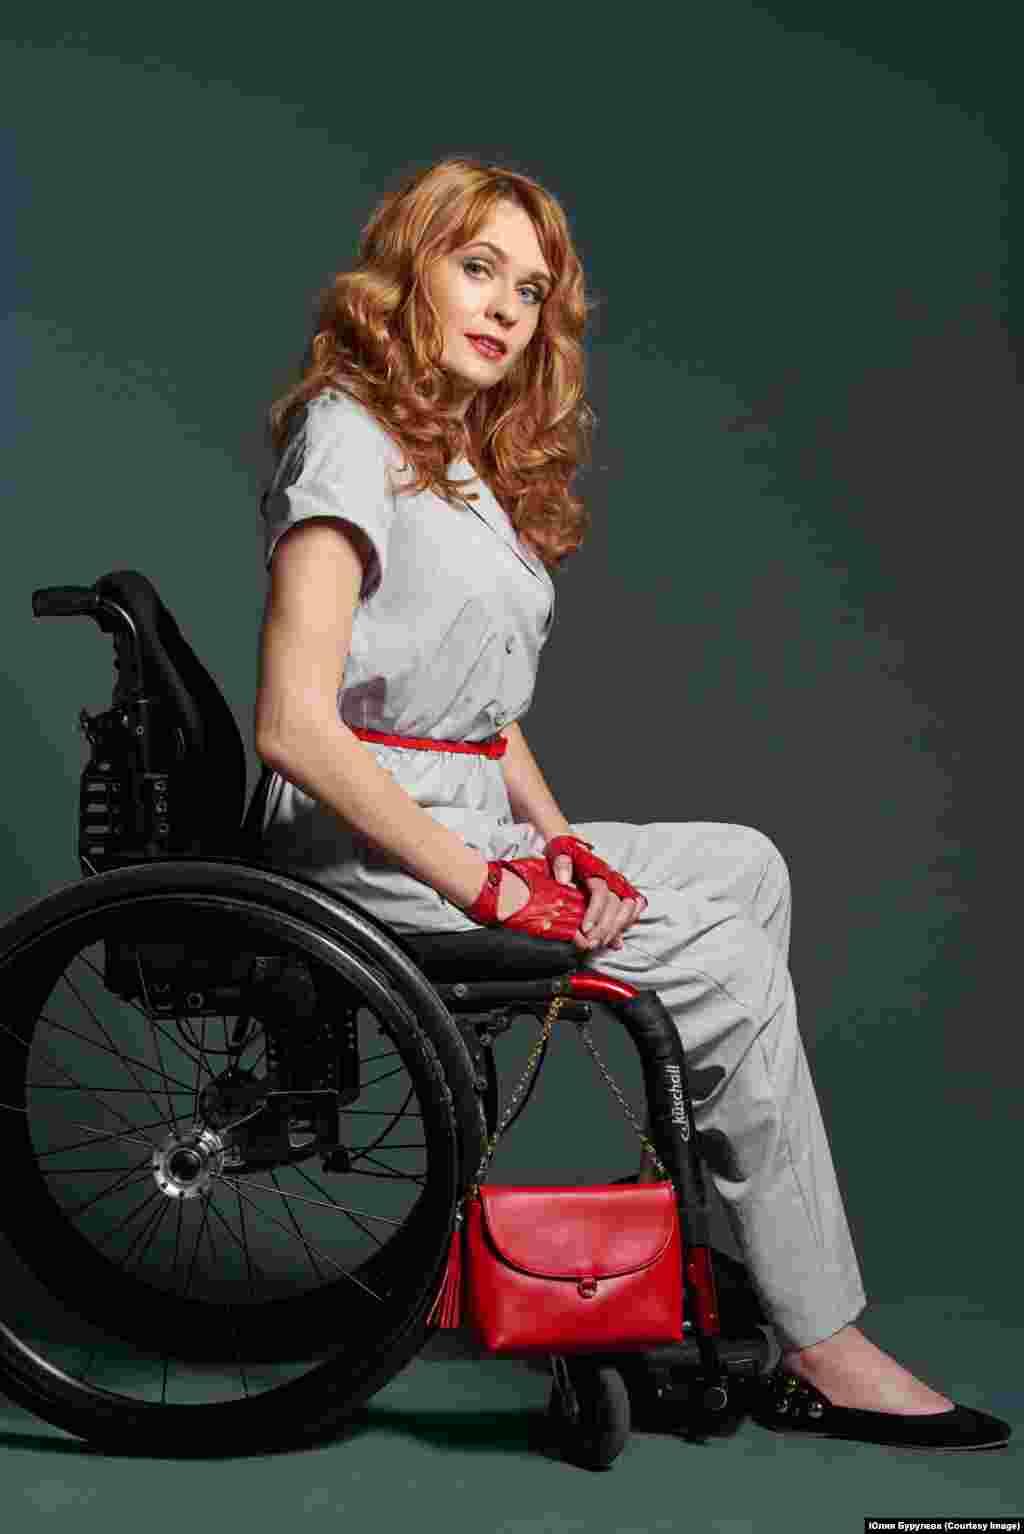 Председатель некоммерческого партнерства информационной поддержки и содействия интеграции инвалидов «Открытый мир» Оксана Заикина